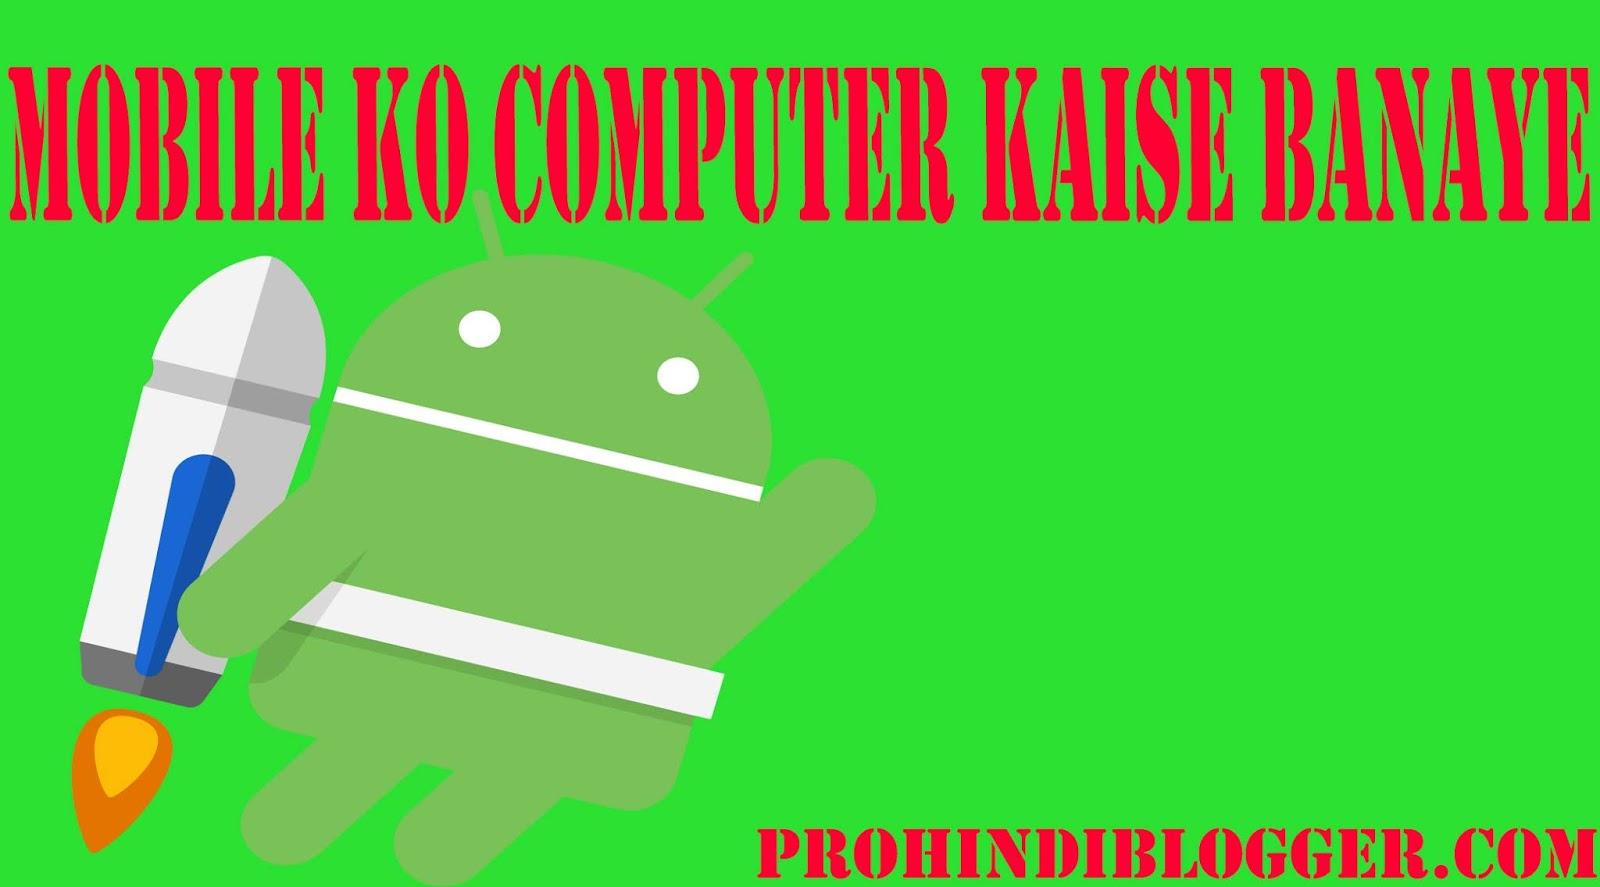 Android Mobile Ko Computer Kaise Banaye